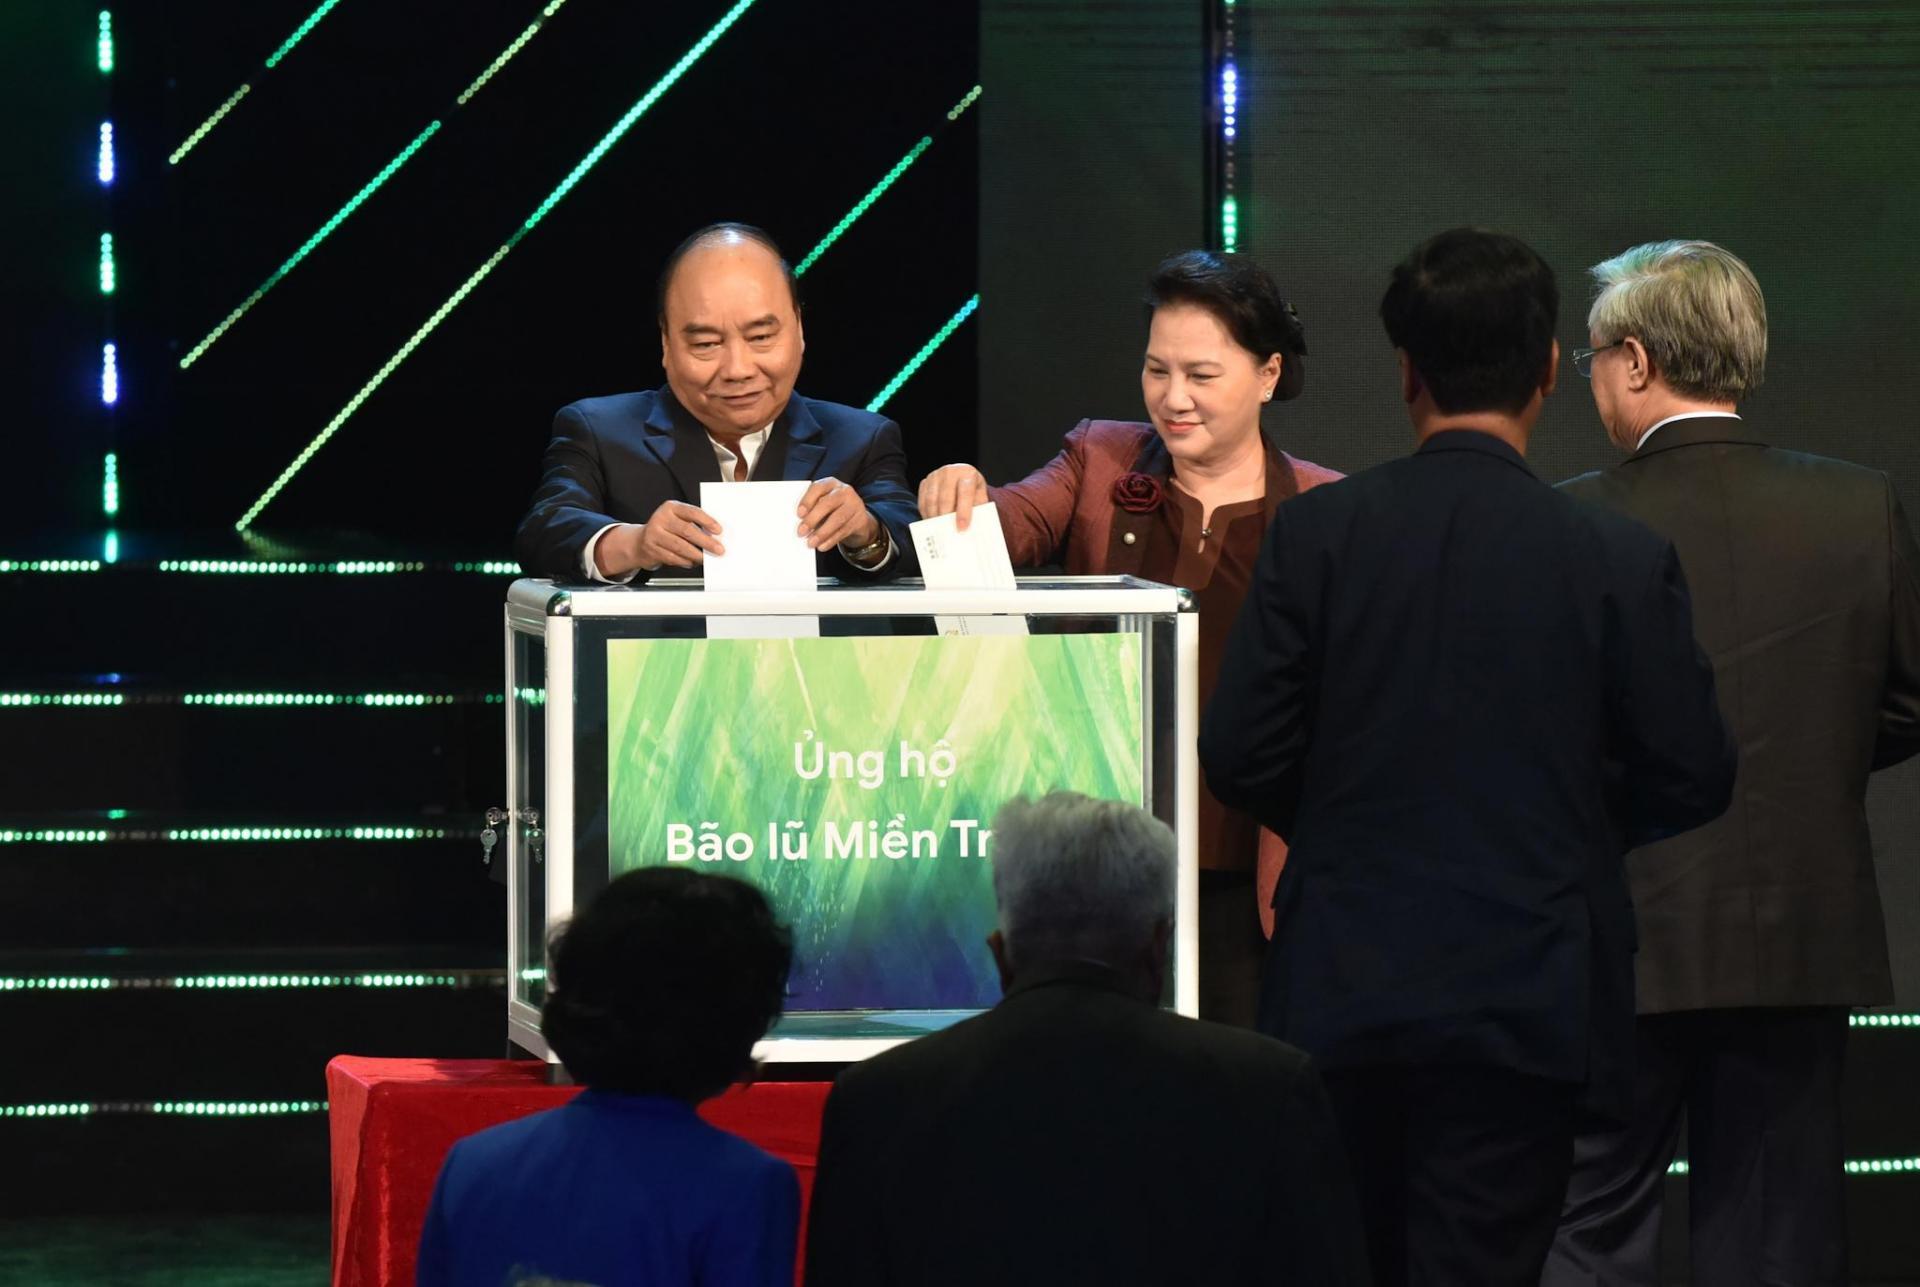 Thủ tướng Nguyễn Xuân Phúc, Chủ tịch Quốc hội Nguyễn Thị Kim Ngân cùng các đại biểu khuyên góp ủng hộ đồng bào miền Trung.